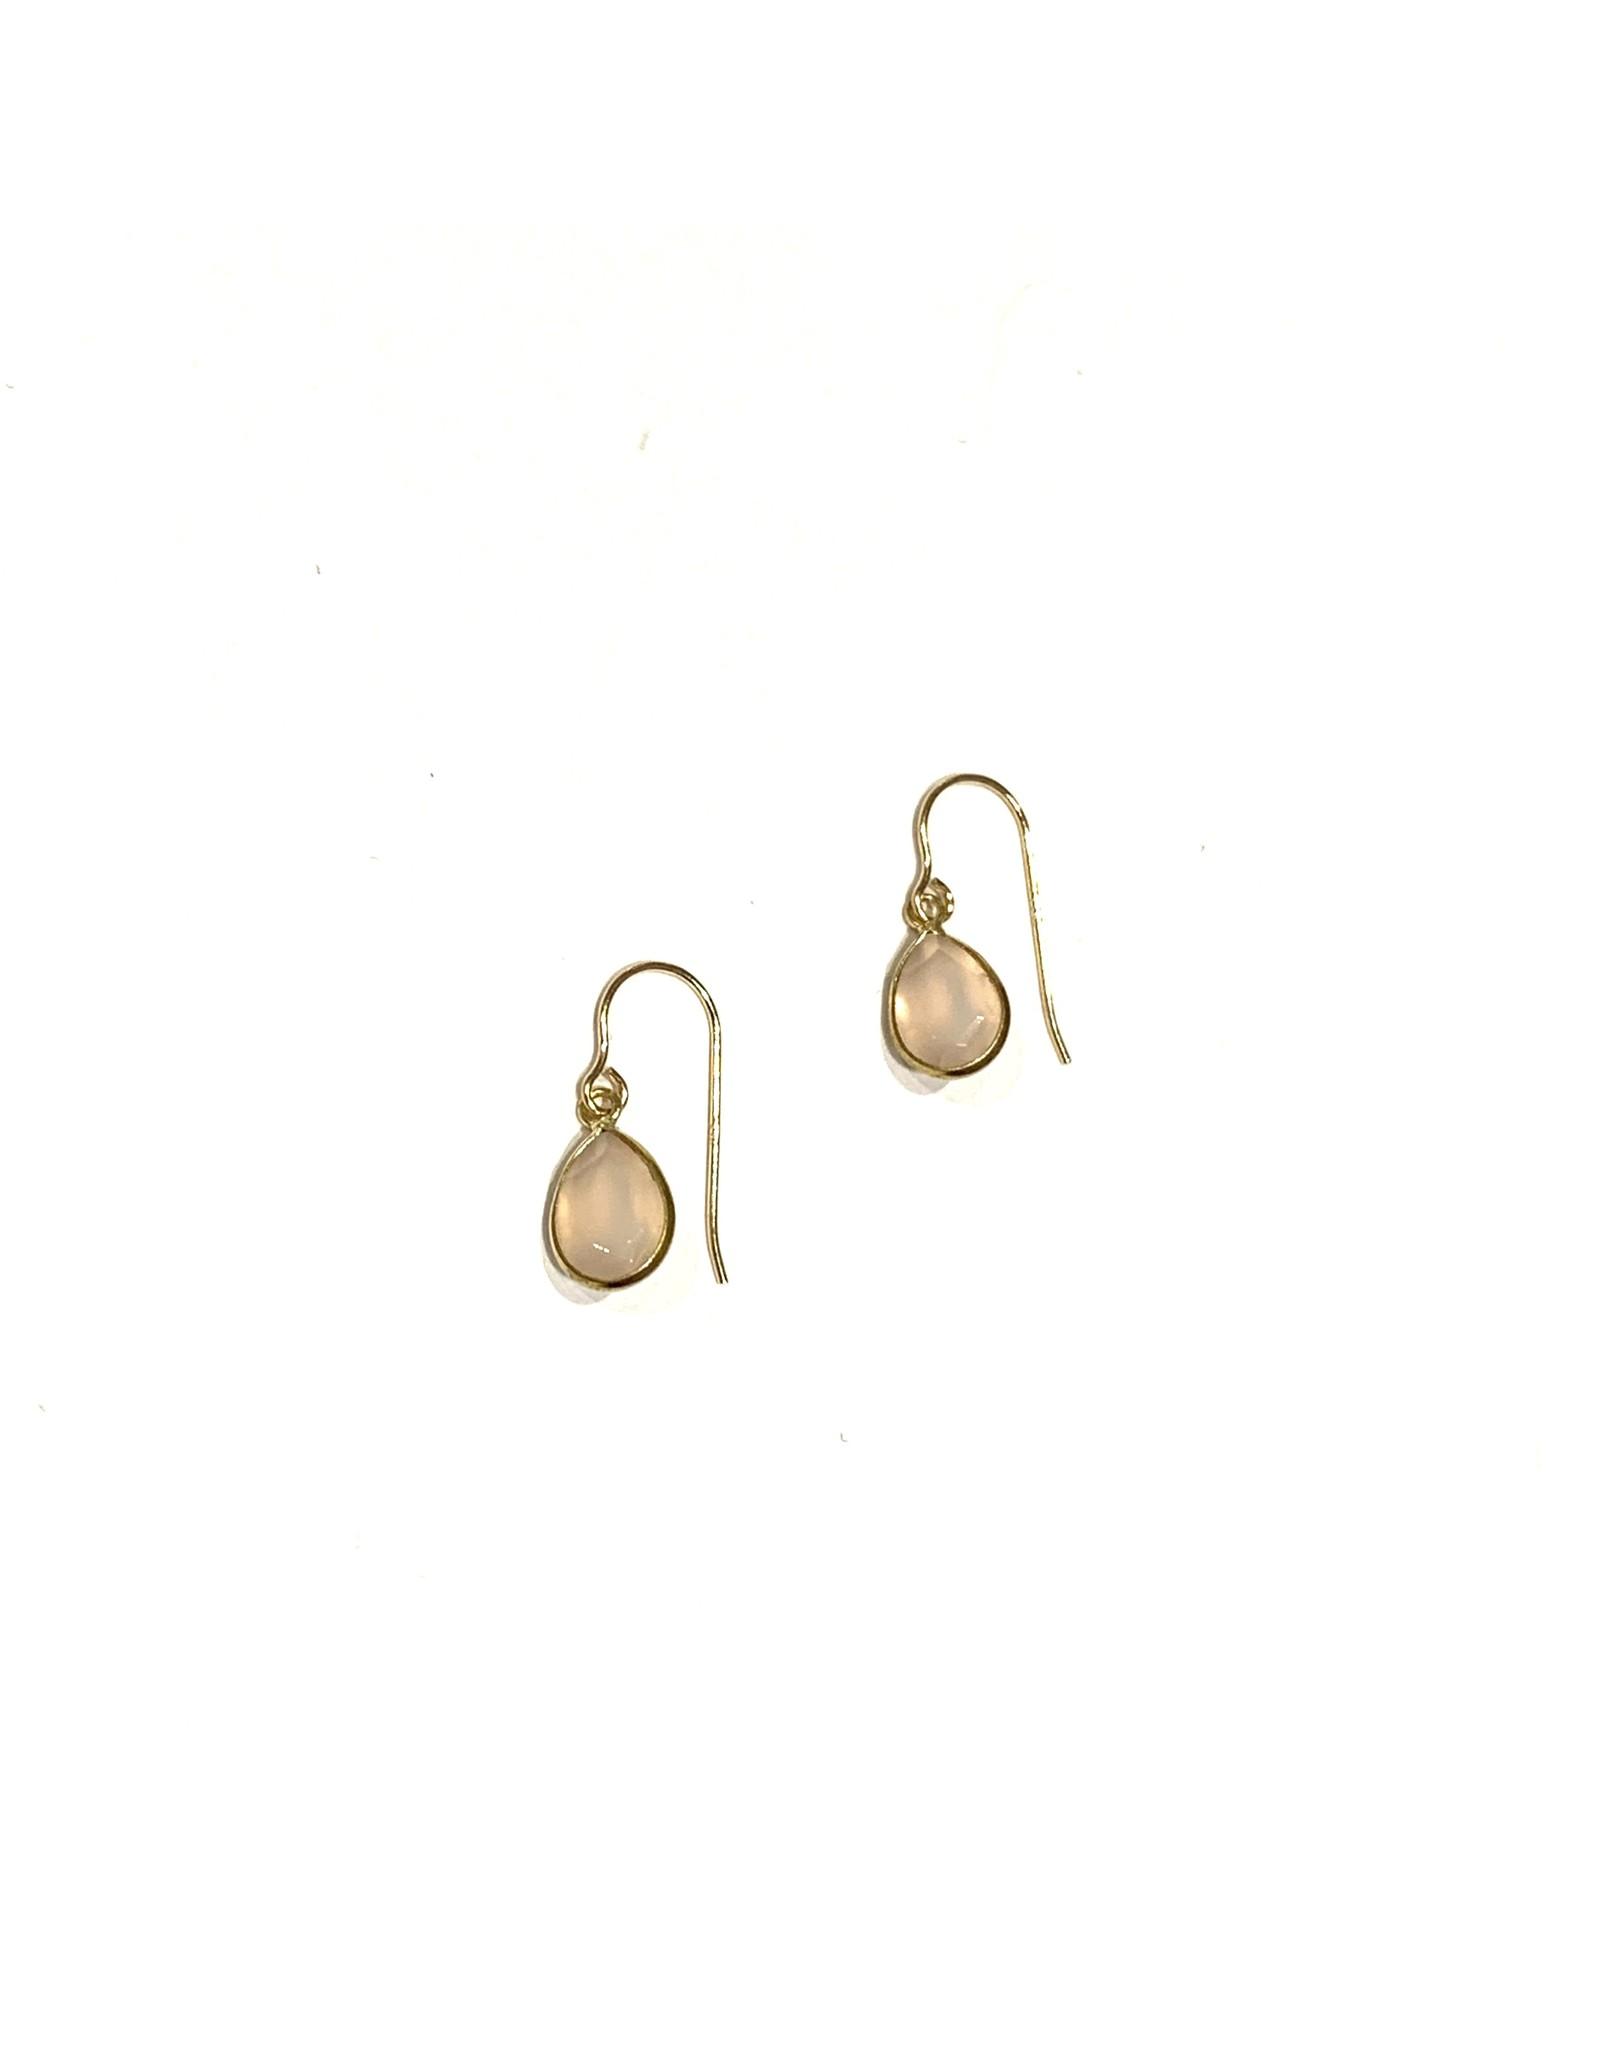 Bo Gold Earrings - Gold - Rose quartz